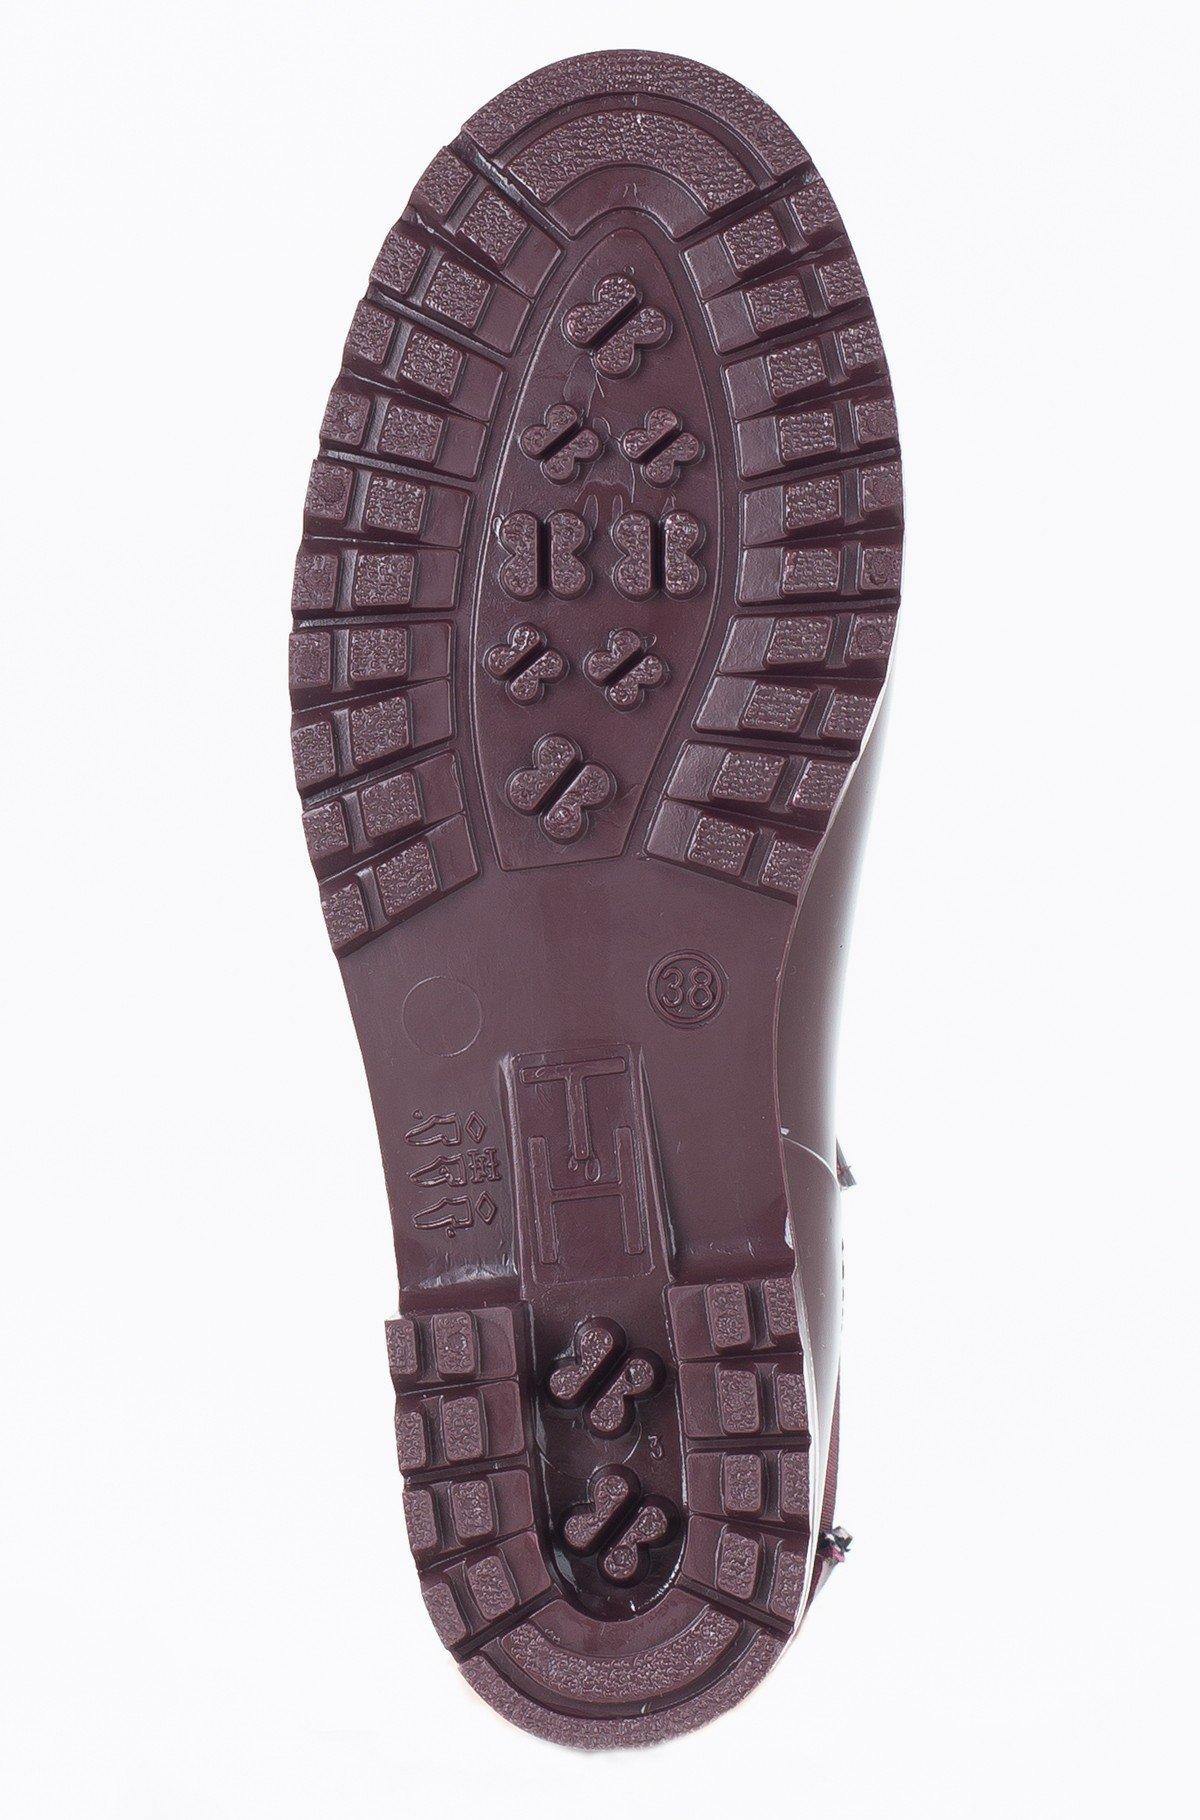 Guminiai batai CORPORATE BELT RAIN BOOT-full-5